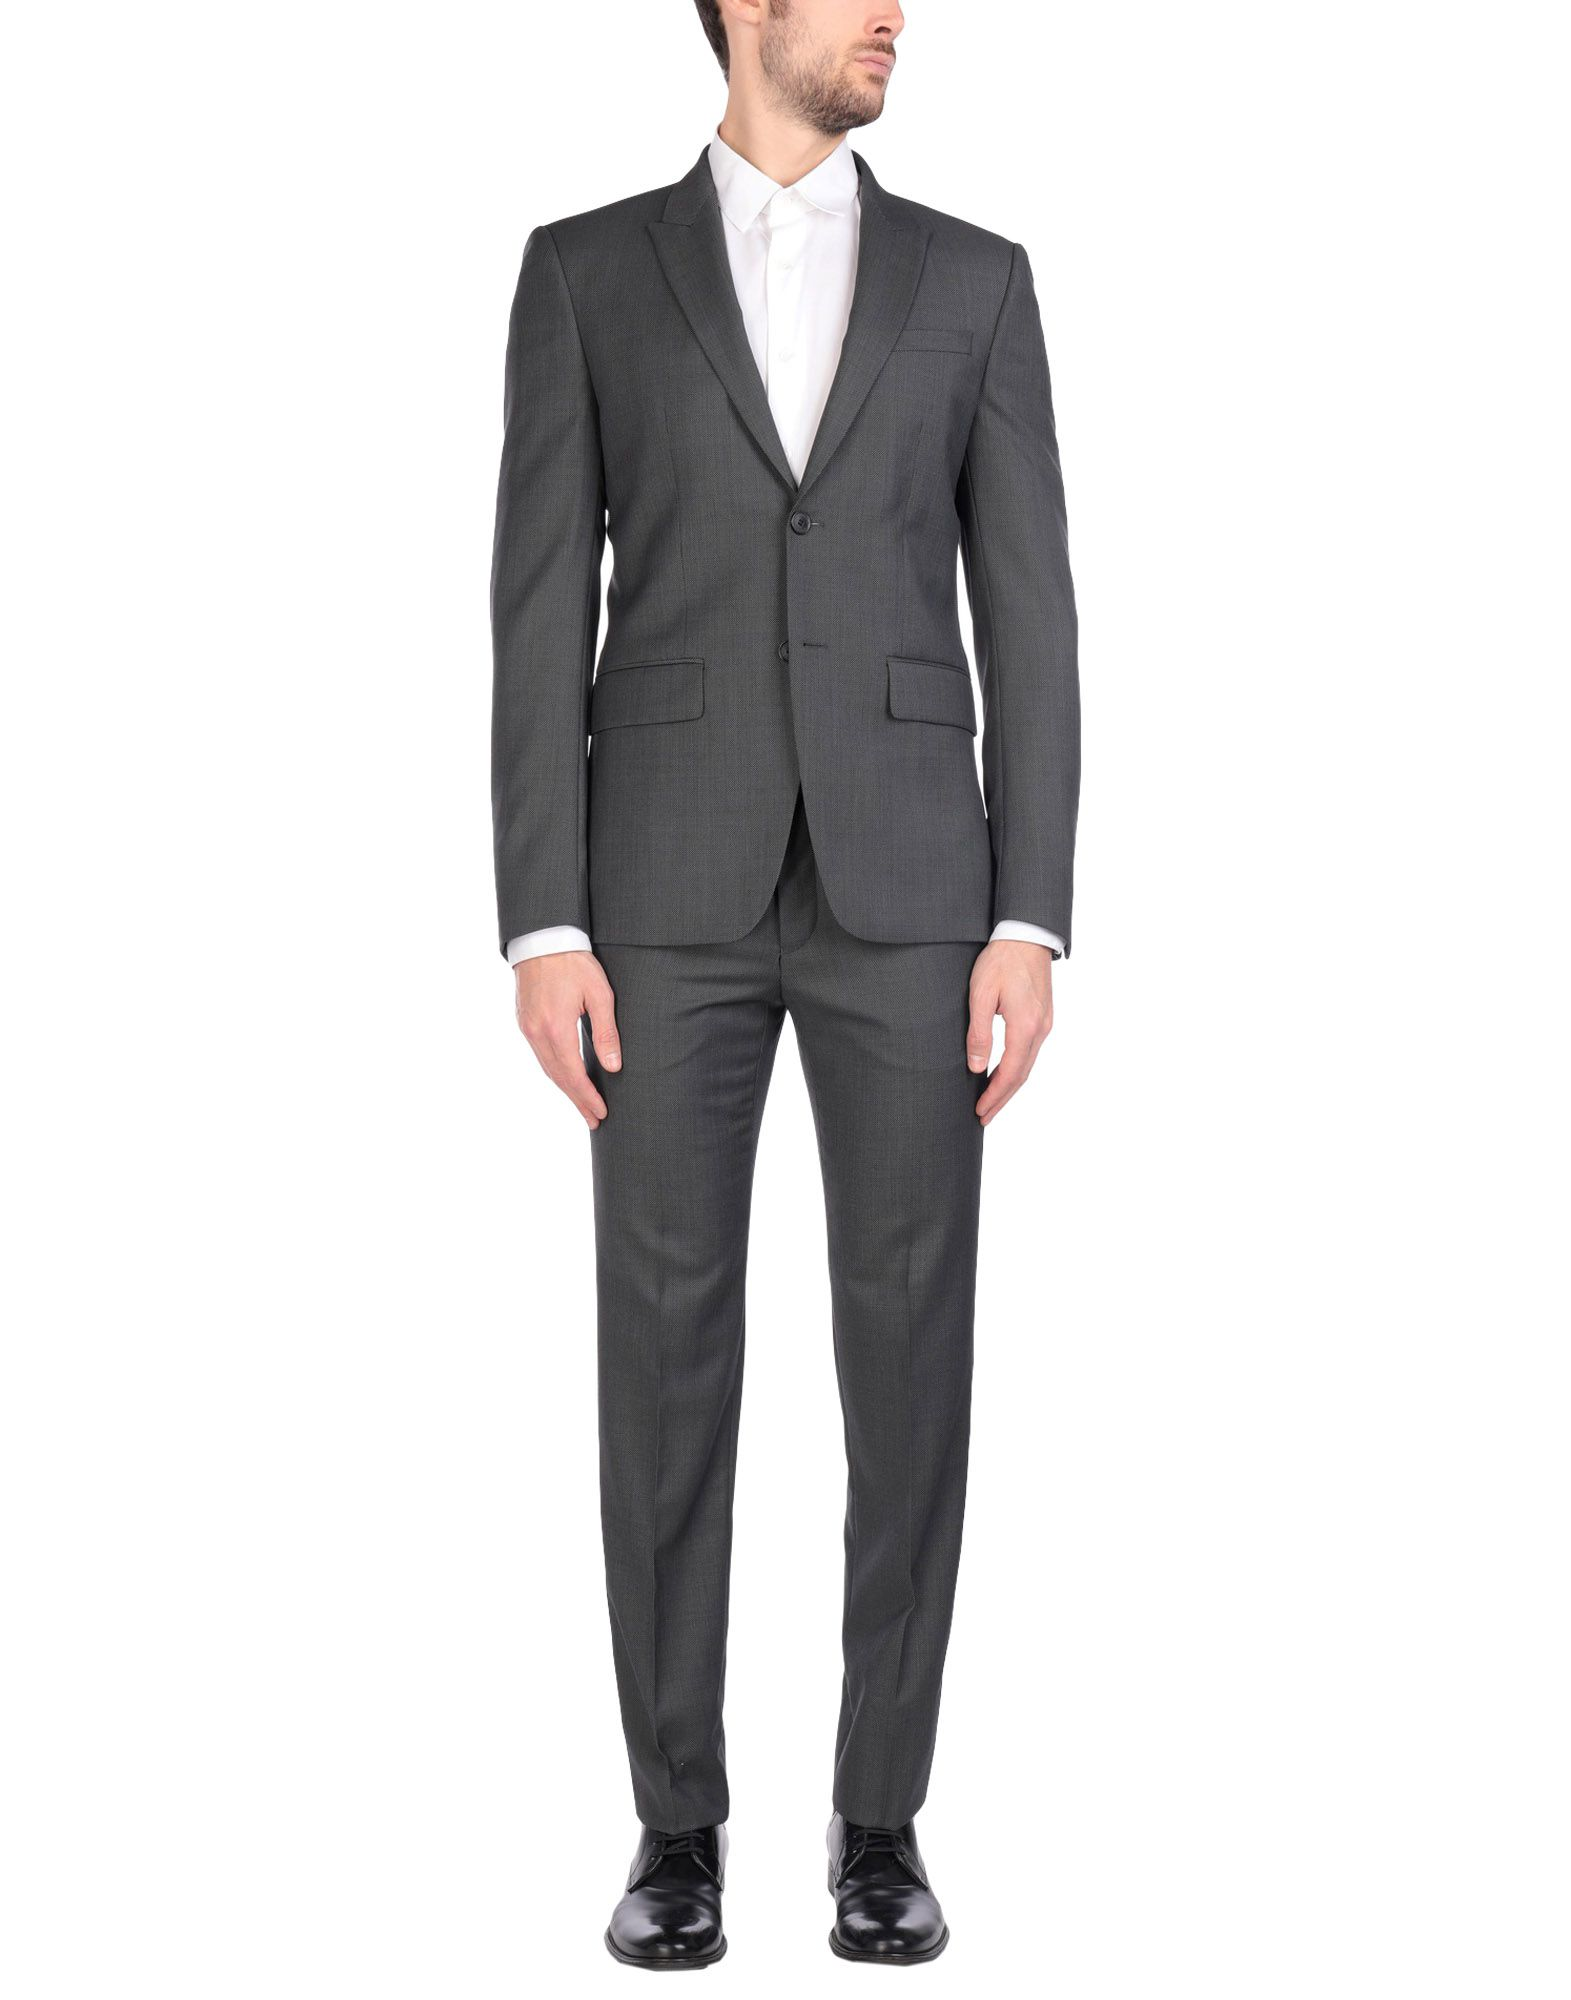 《送料無料》GIVENCHY メンズ スーツ グレー 48 ウール 100%